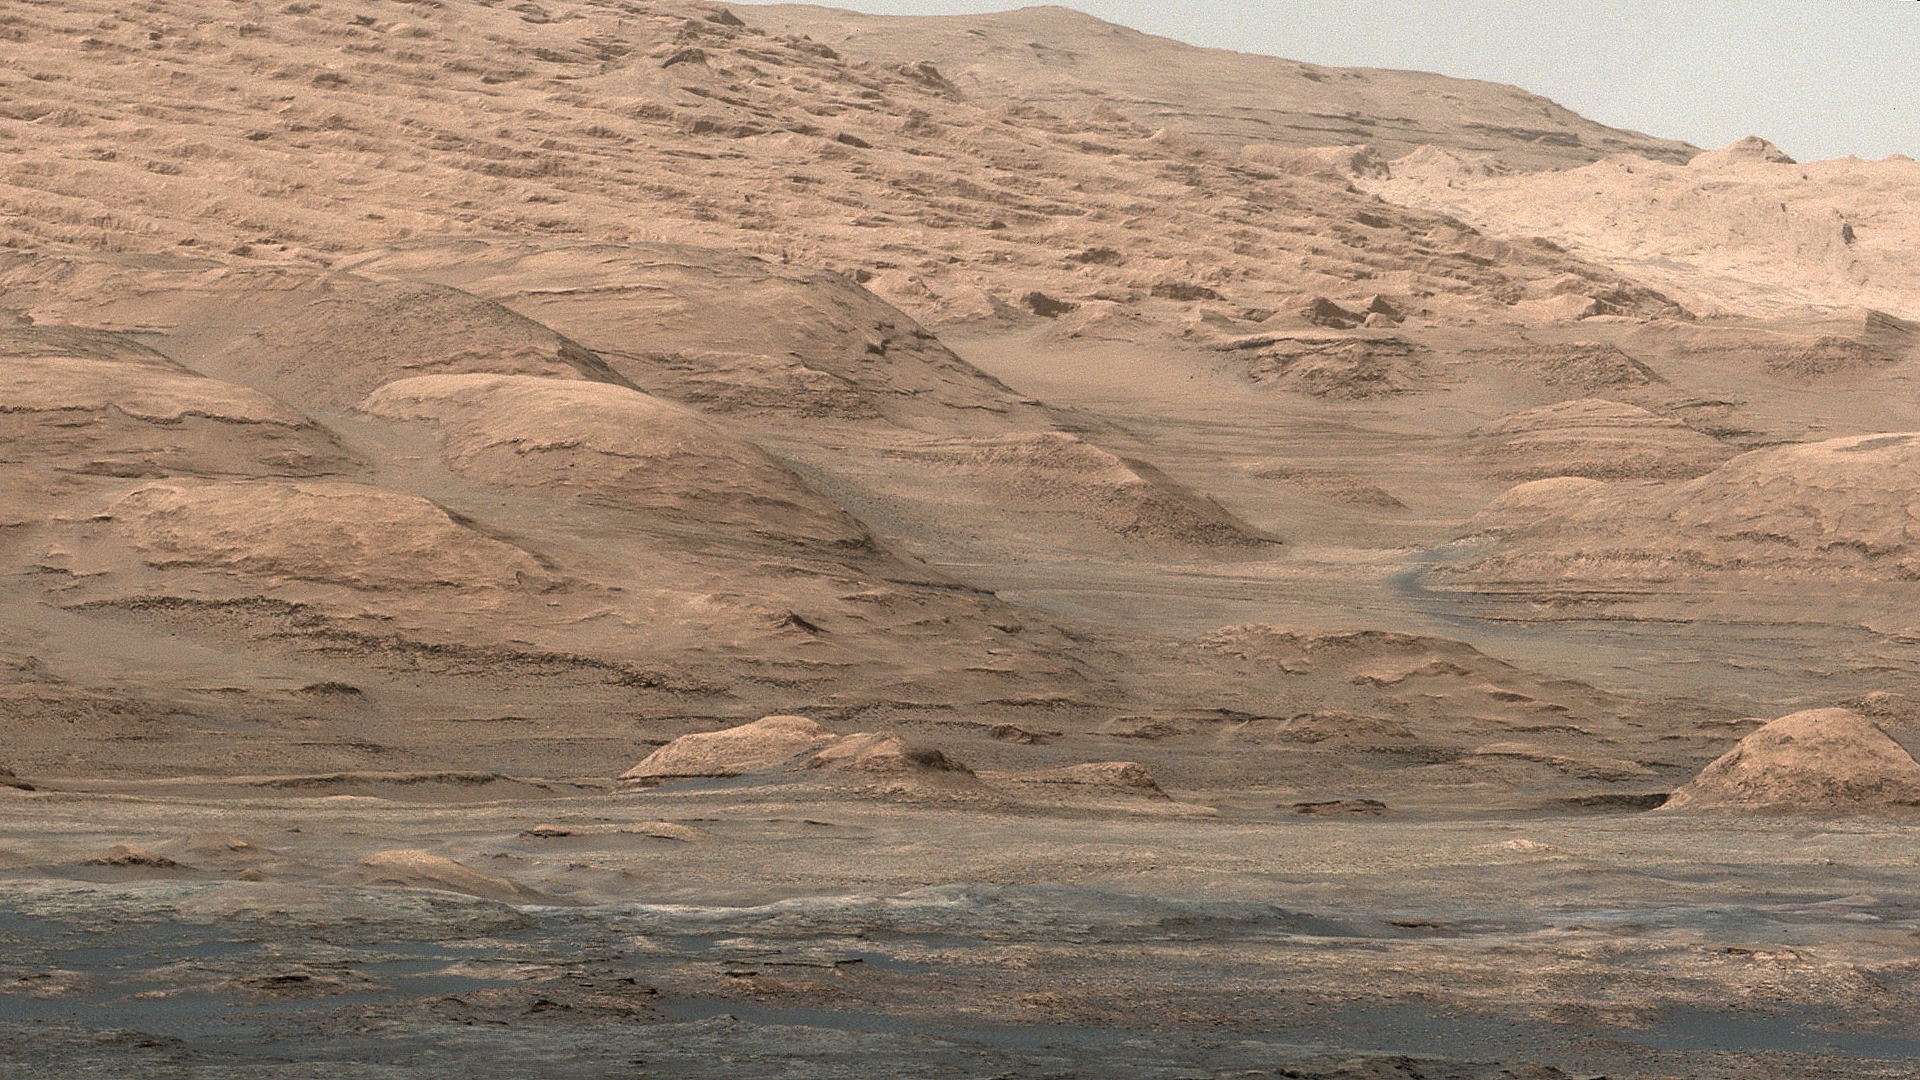 mars-curiosity-rover-mount-sharp-pia19083-Sol387-full